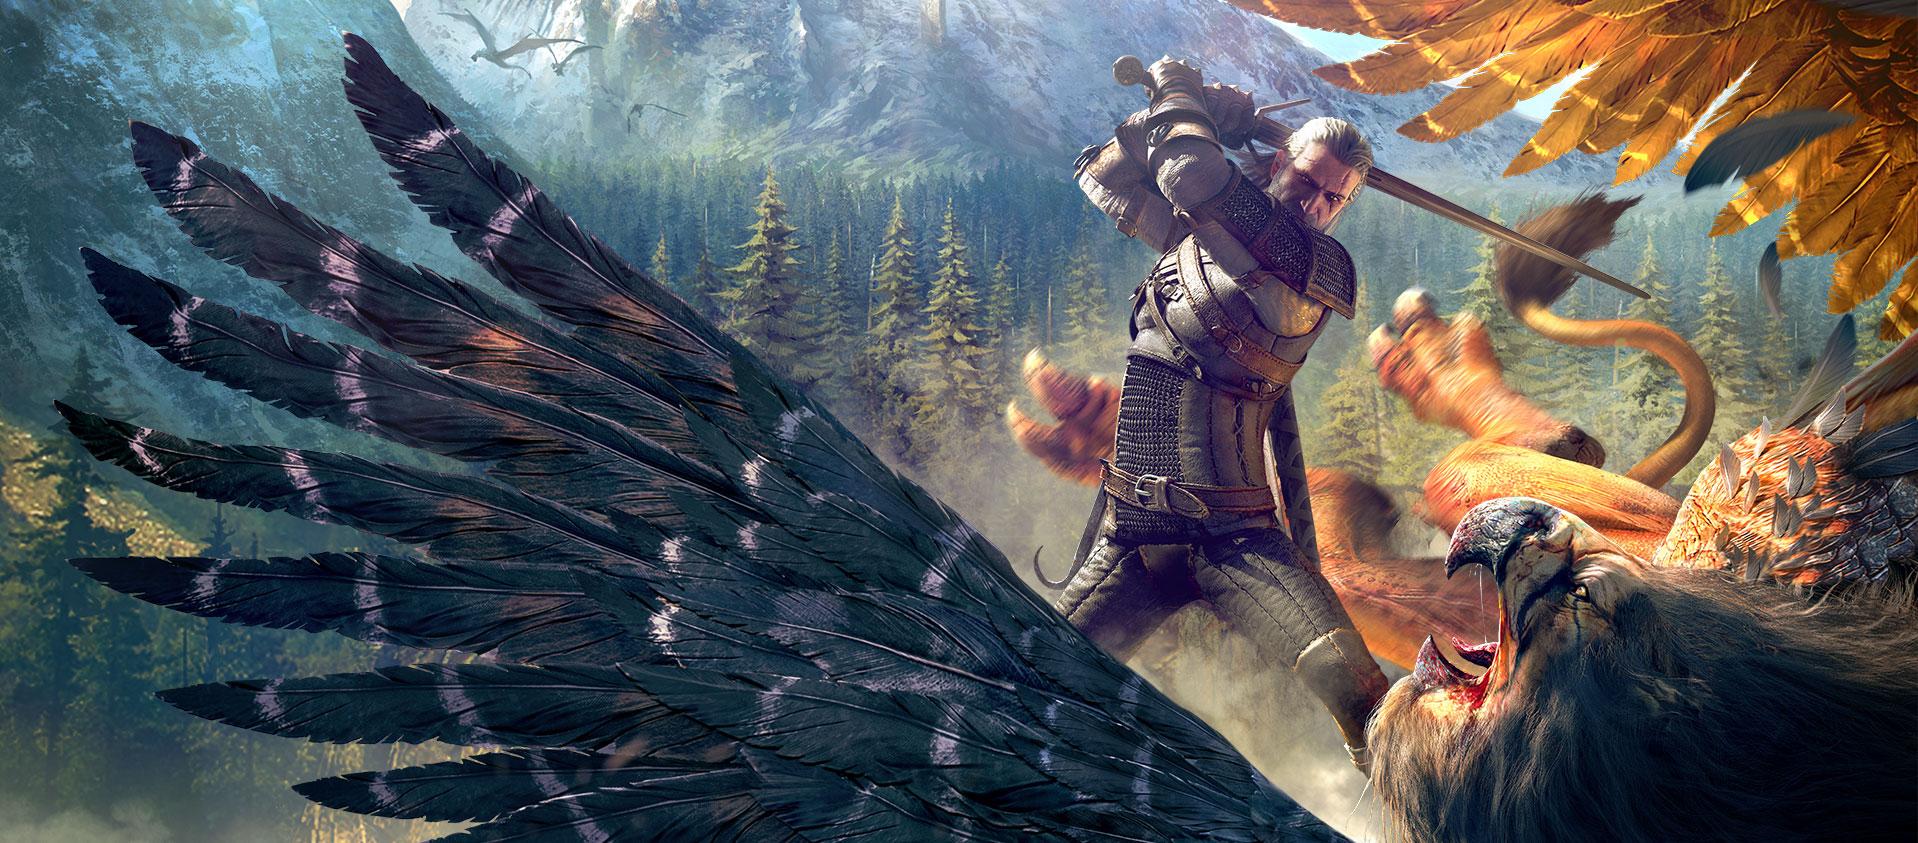 X019 en Londres: así fue la gran celebración mundial con The Witcher 3 y las novedades en Xbox Game Pass